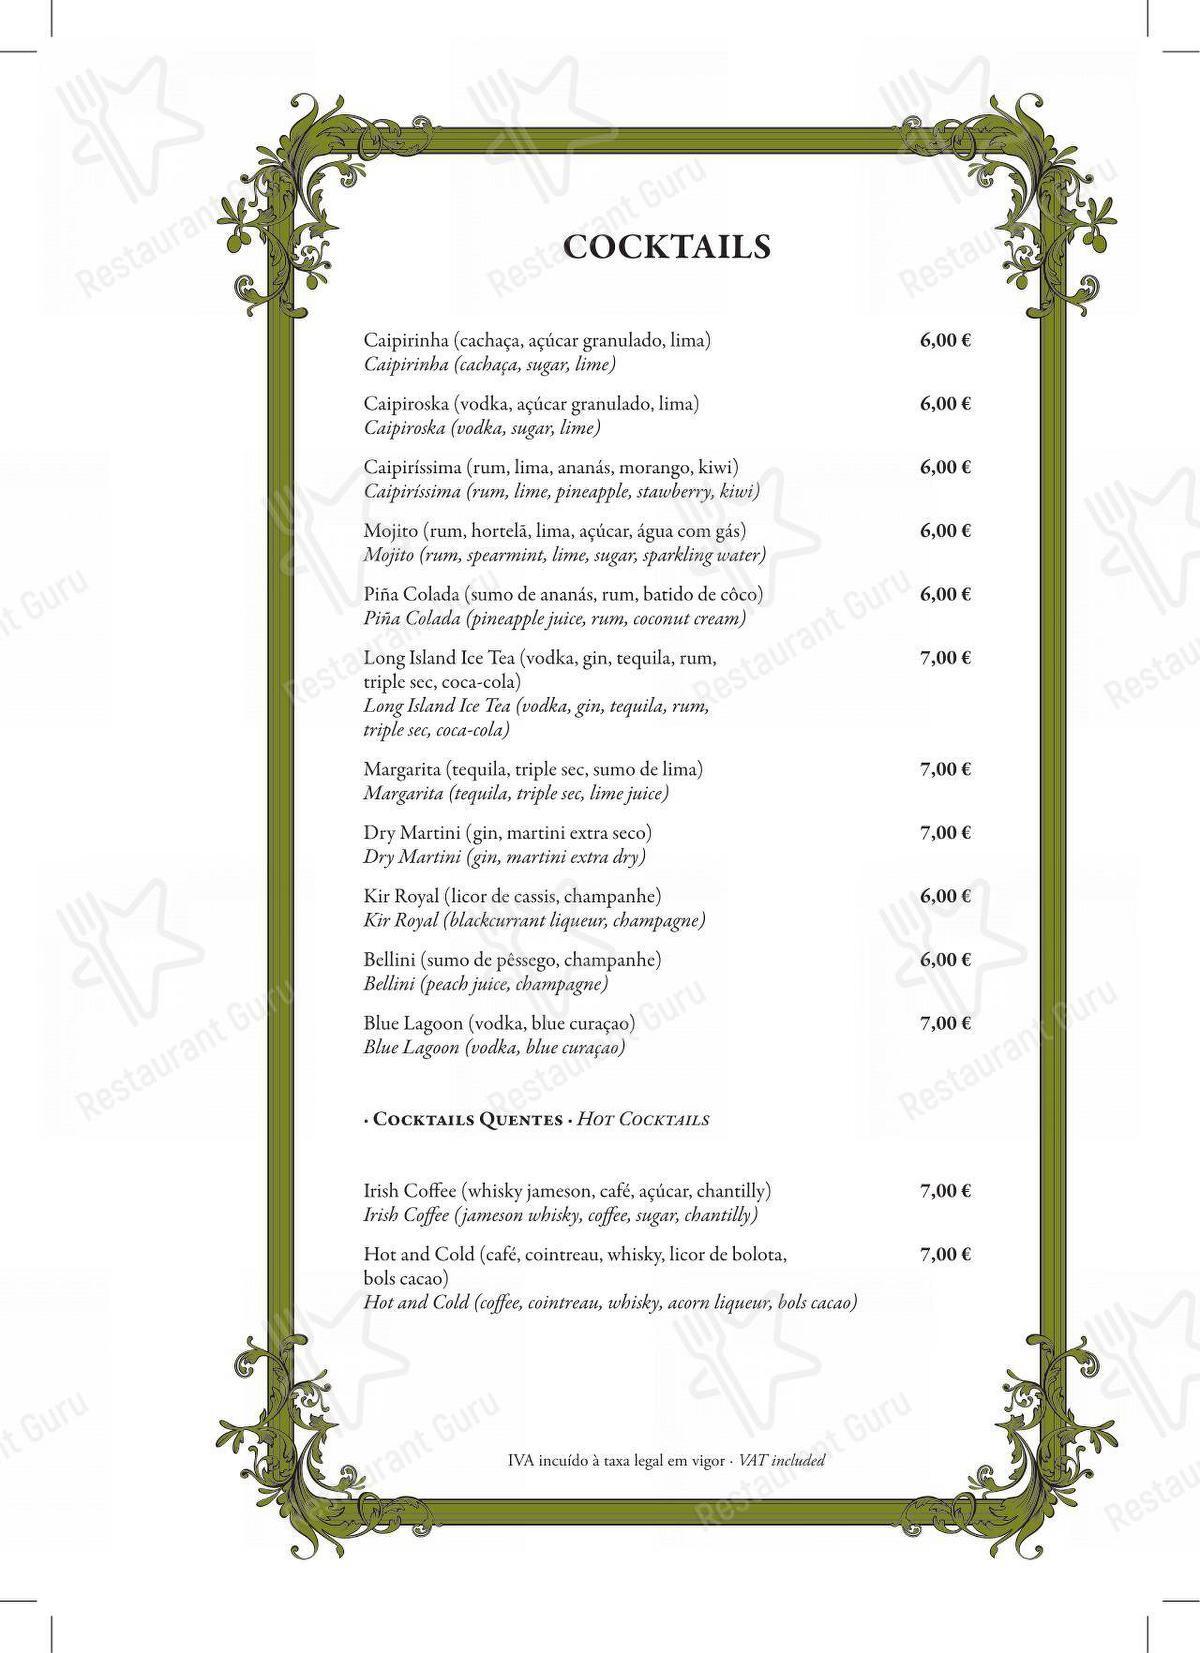 Restaurante Mercearia Eborim em Evora - Bar menu